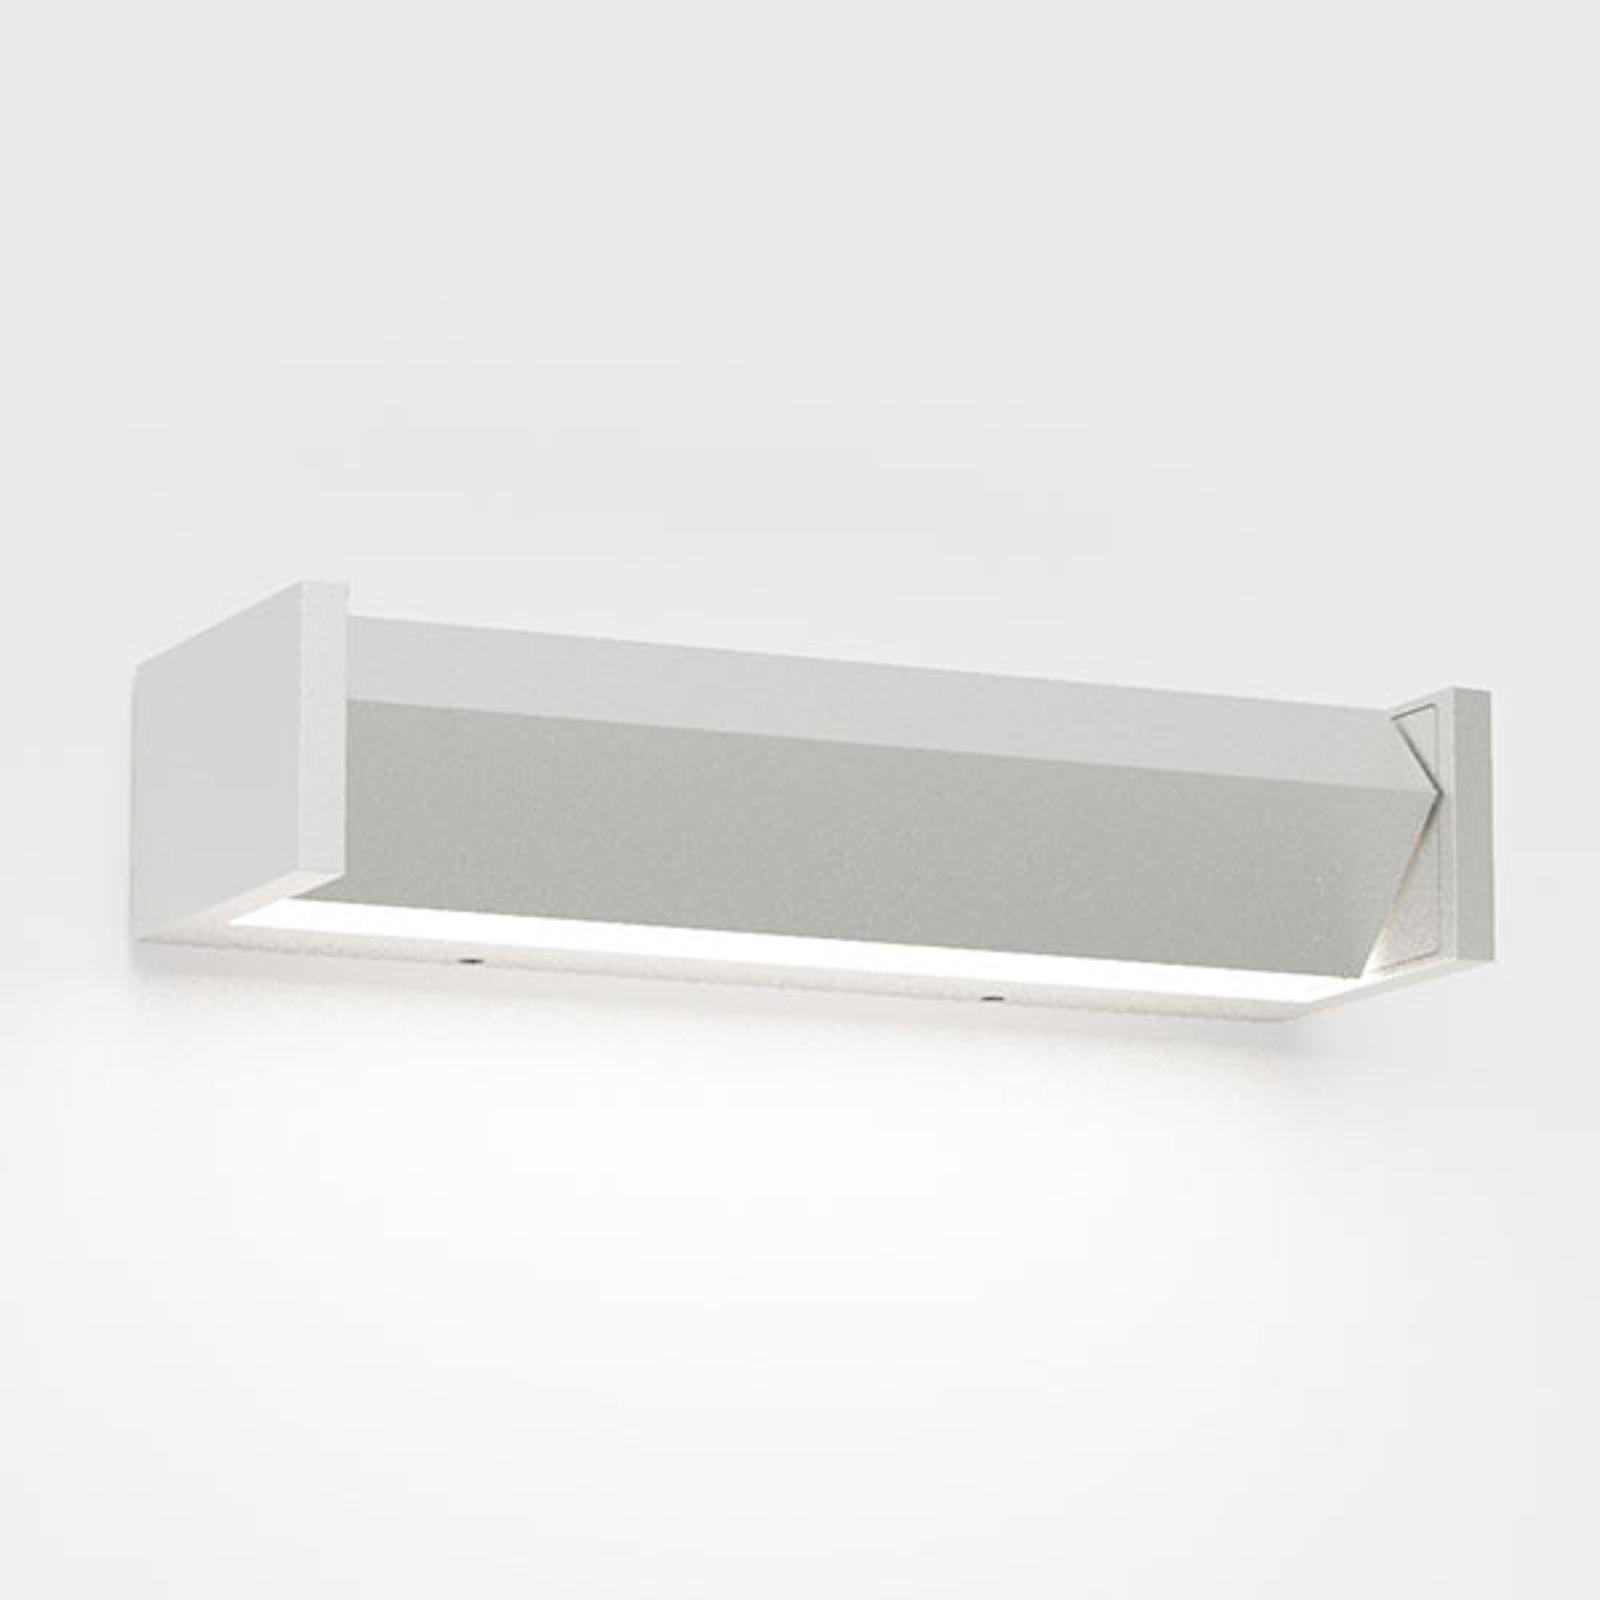 IP44.de Slat One LED-Außenwandleuchte, weiß